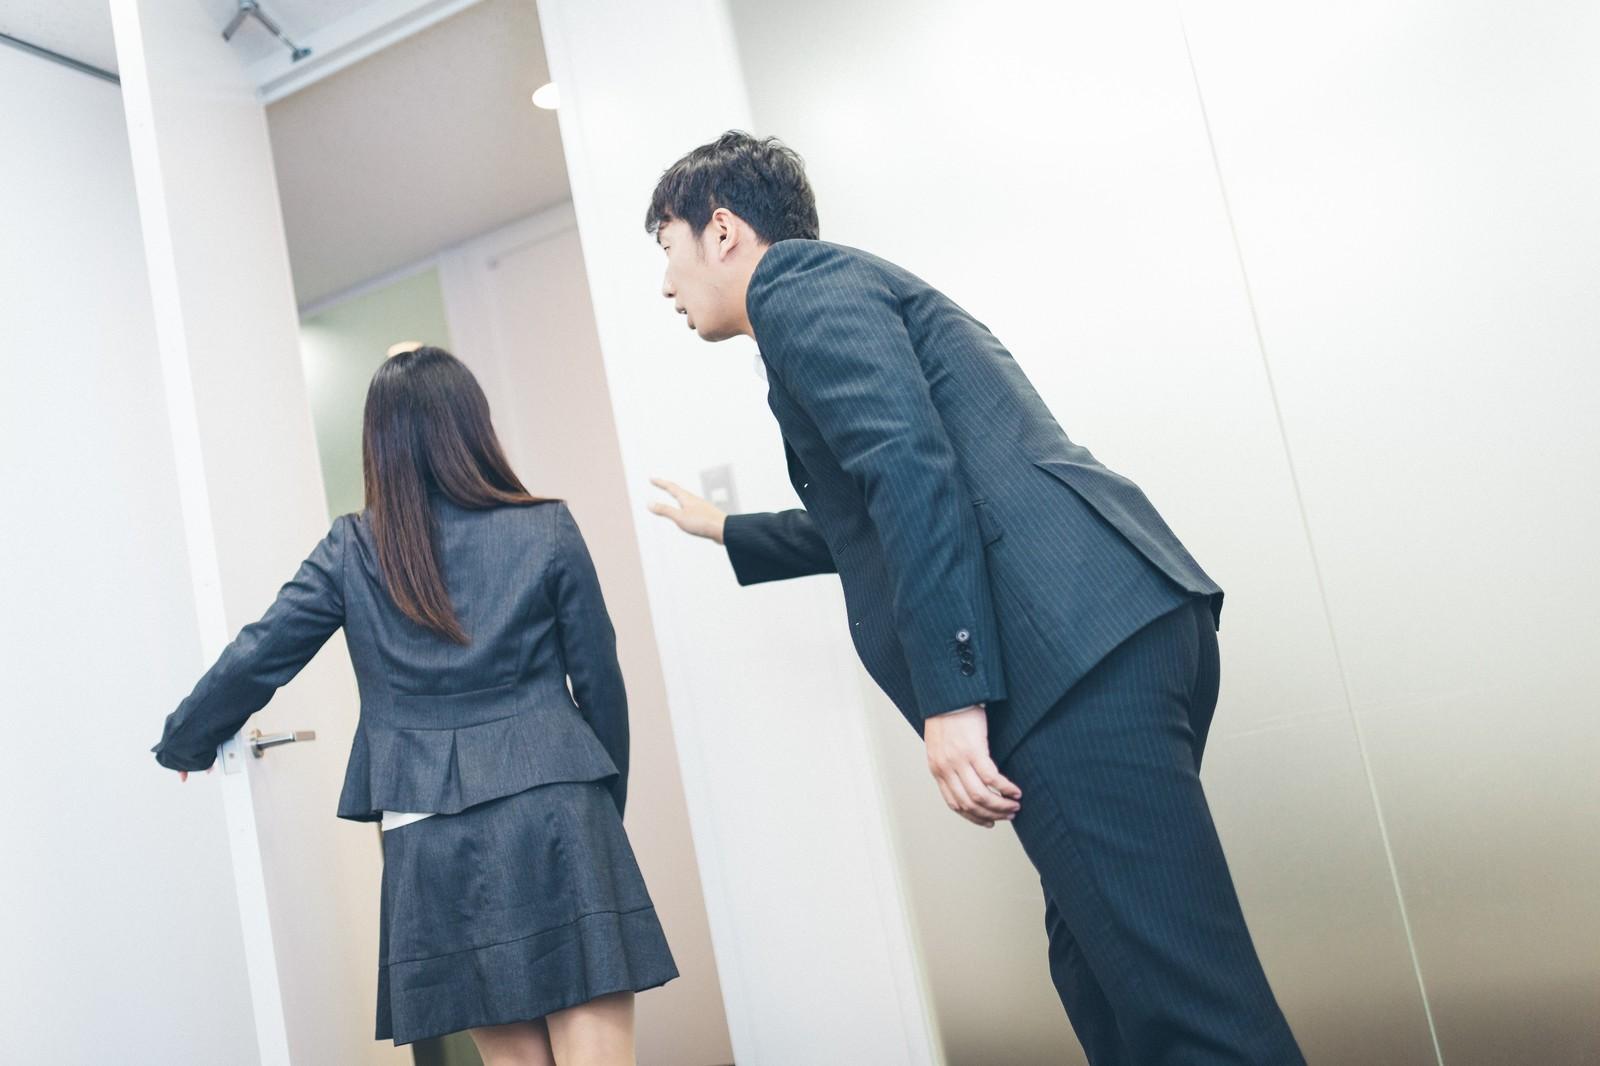 人間関係悪化で仕事を辞めるのは甘えではない。変わるまで待つなんて無理なことがほとんど。